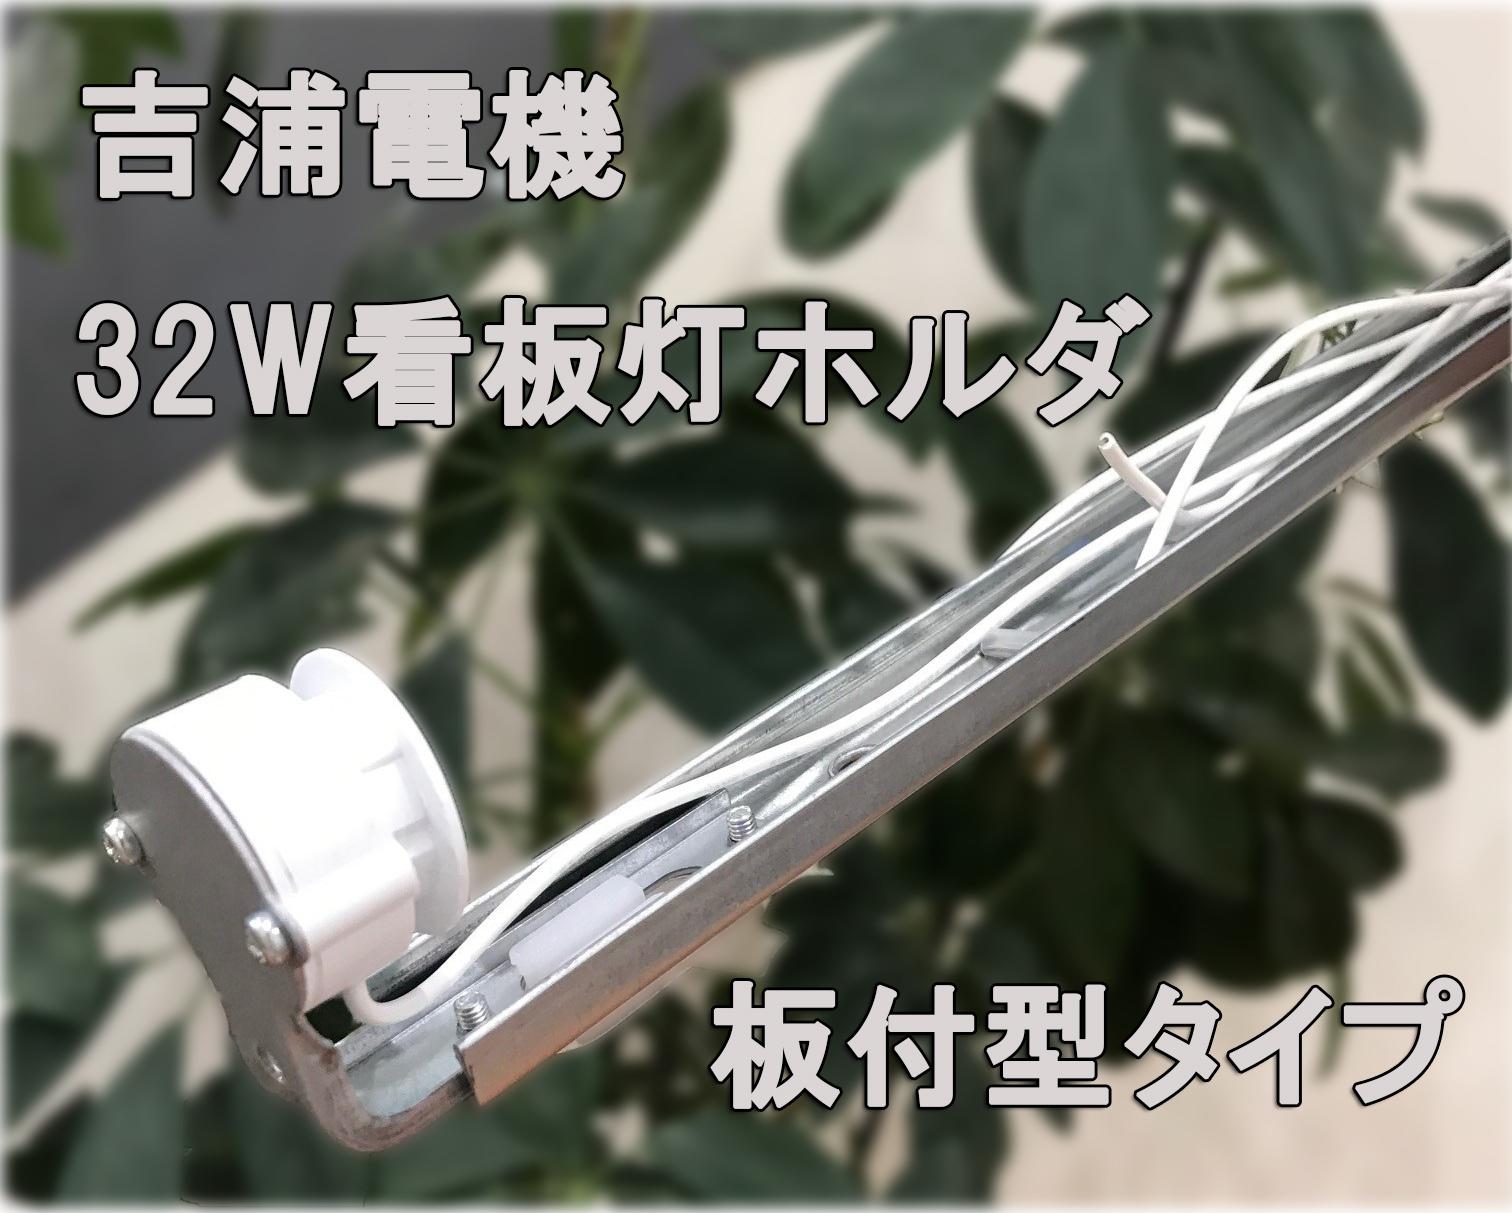 【吉浦電機】既設看板灯の取替にも最適! 32W 板付型看板灯ホルダー高力率タイプ G13口金 安定器 ※高力率タイプのためコンデンサ付